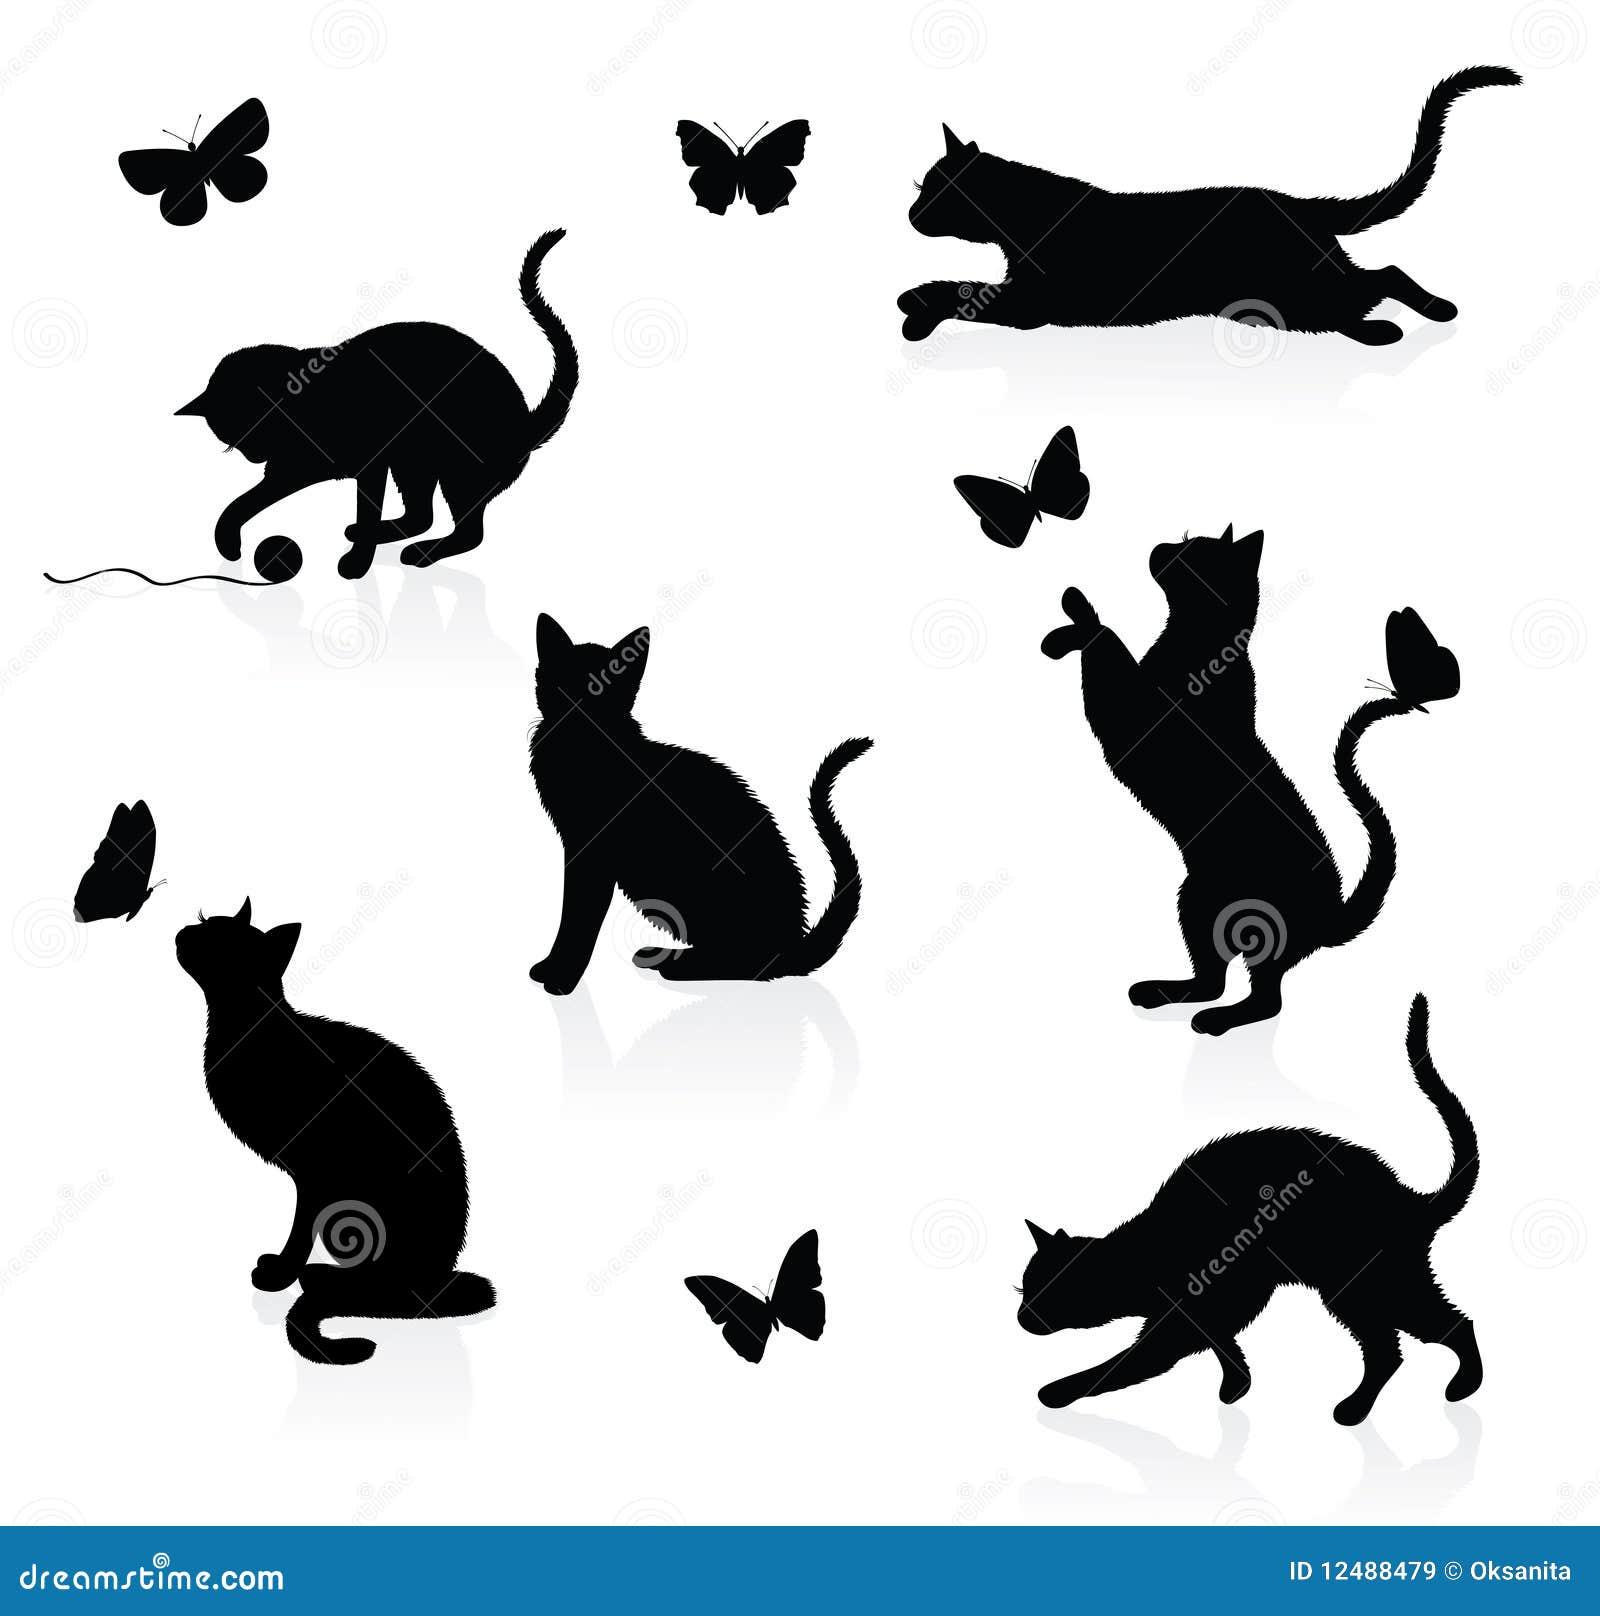 Gatos e borboletas.